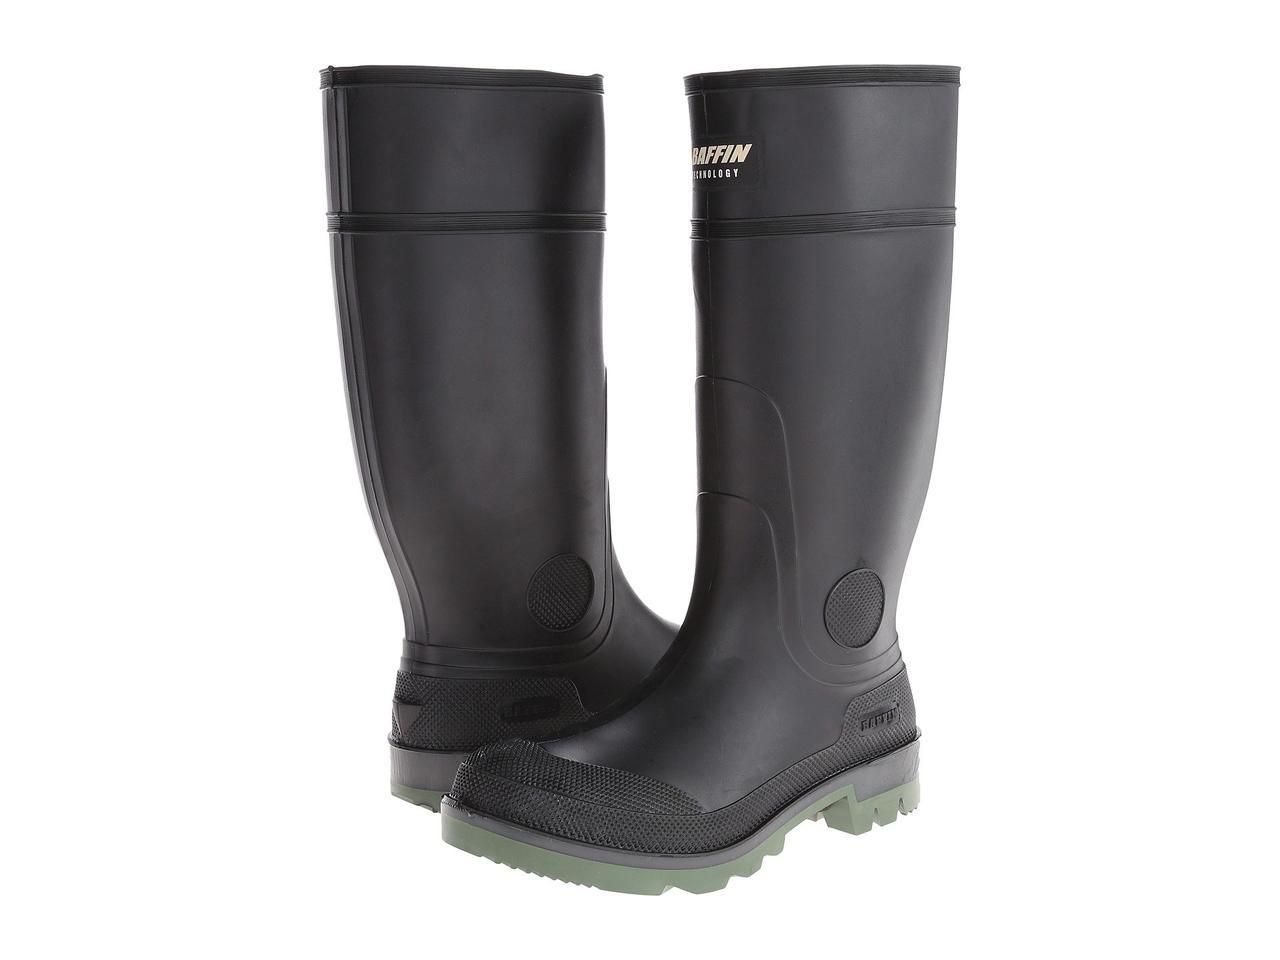 Ботинки/Сапоги (Оригинал) Baffin Enduro Plain Toe Black/Clear/Green